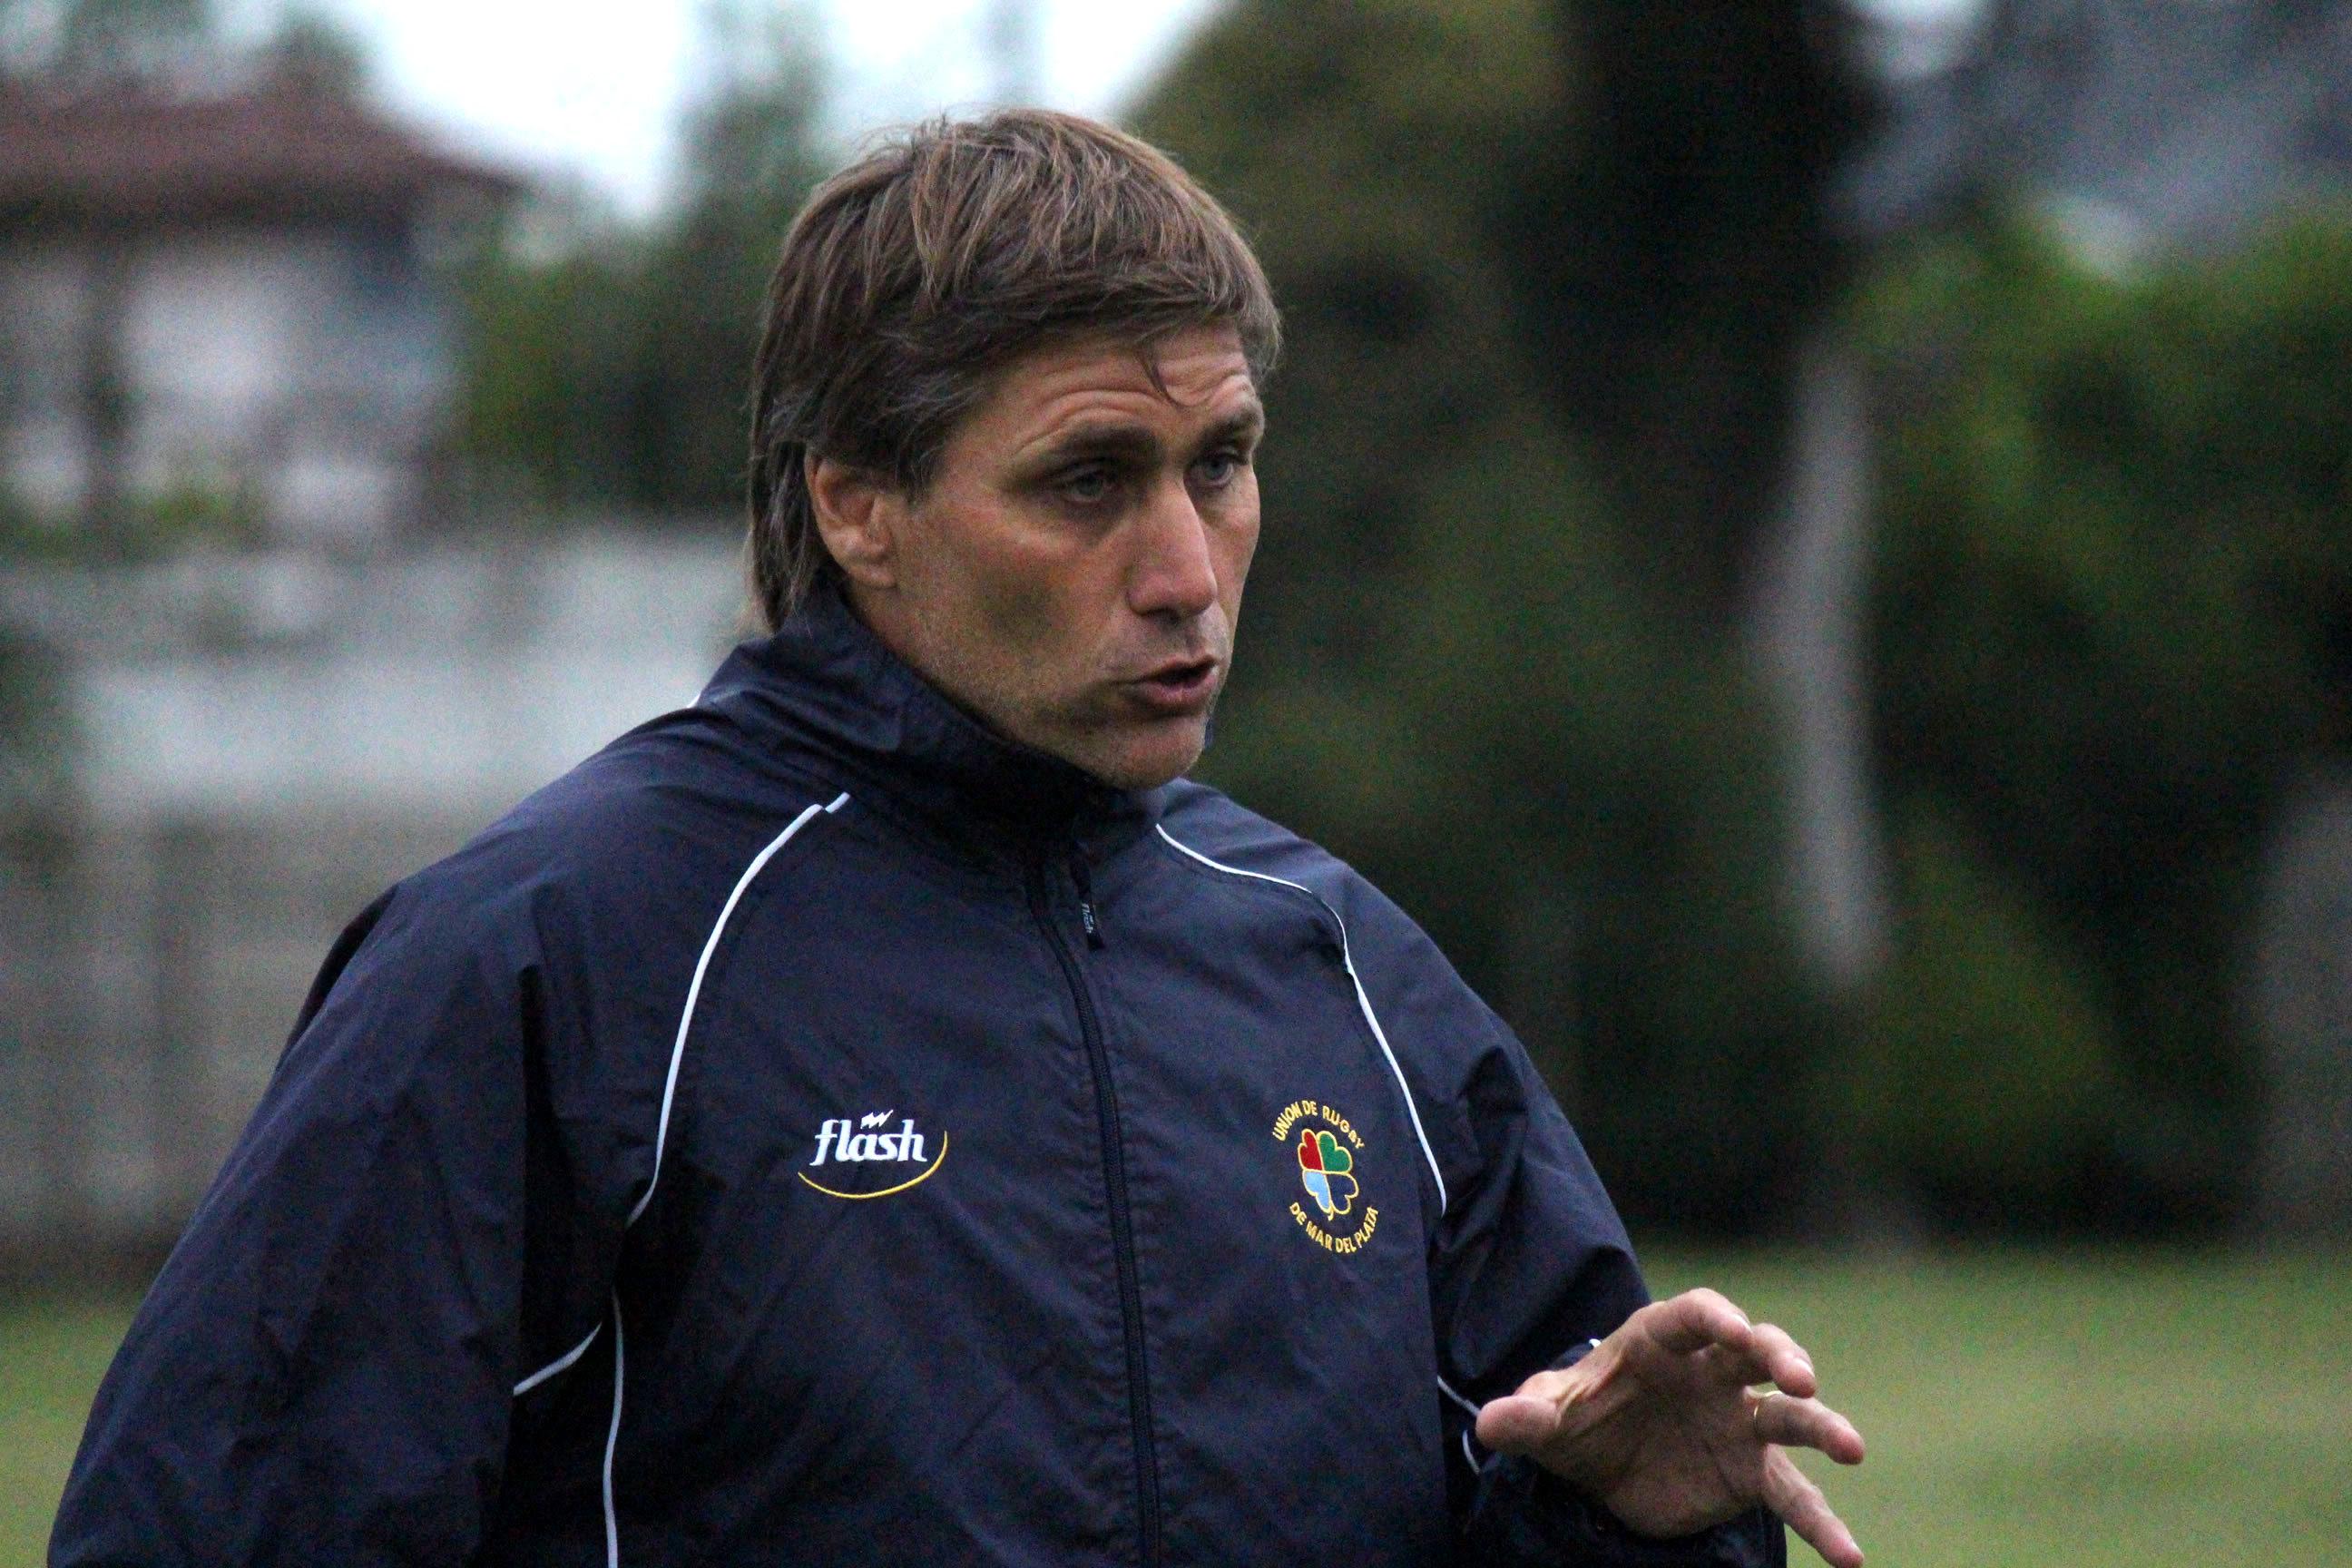 Daniel Villén será uno de los dos representantes de Mar del Plata en la búsqueda olímpica (Foto: Prensa URMDP)